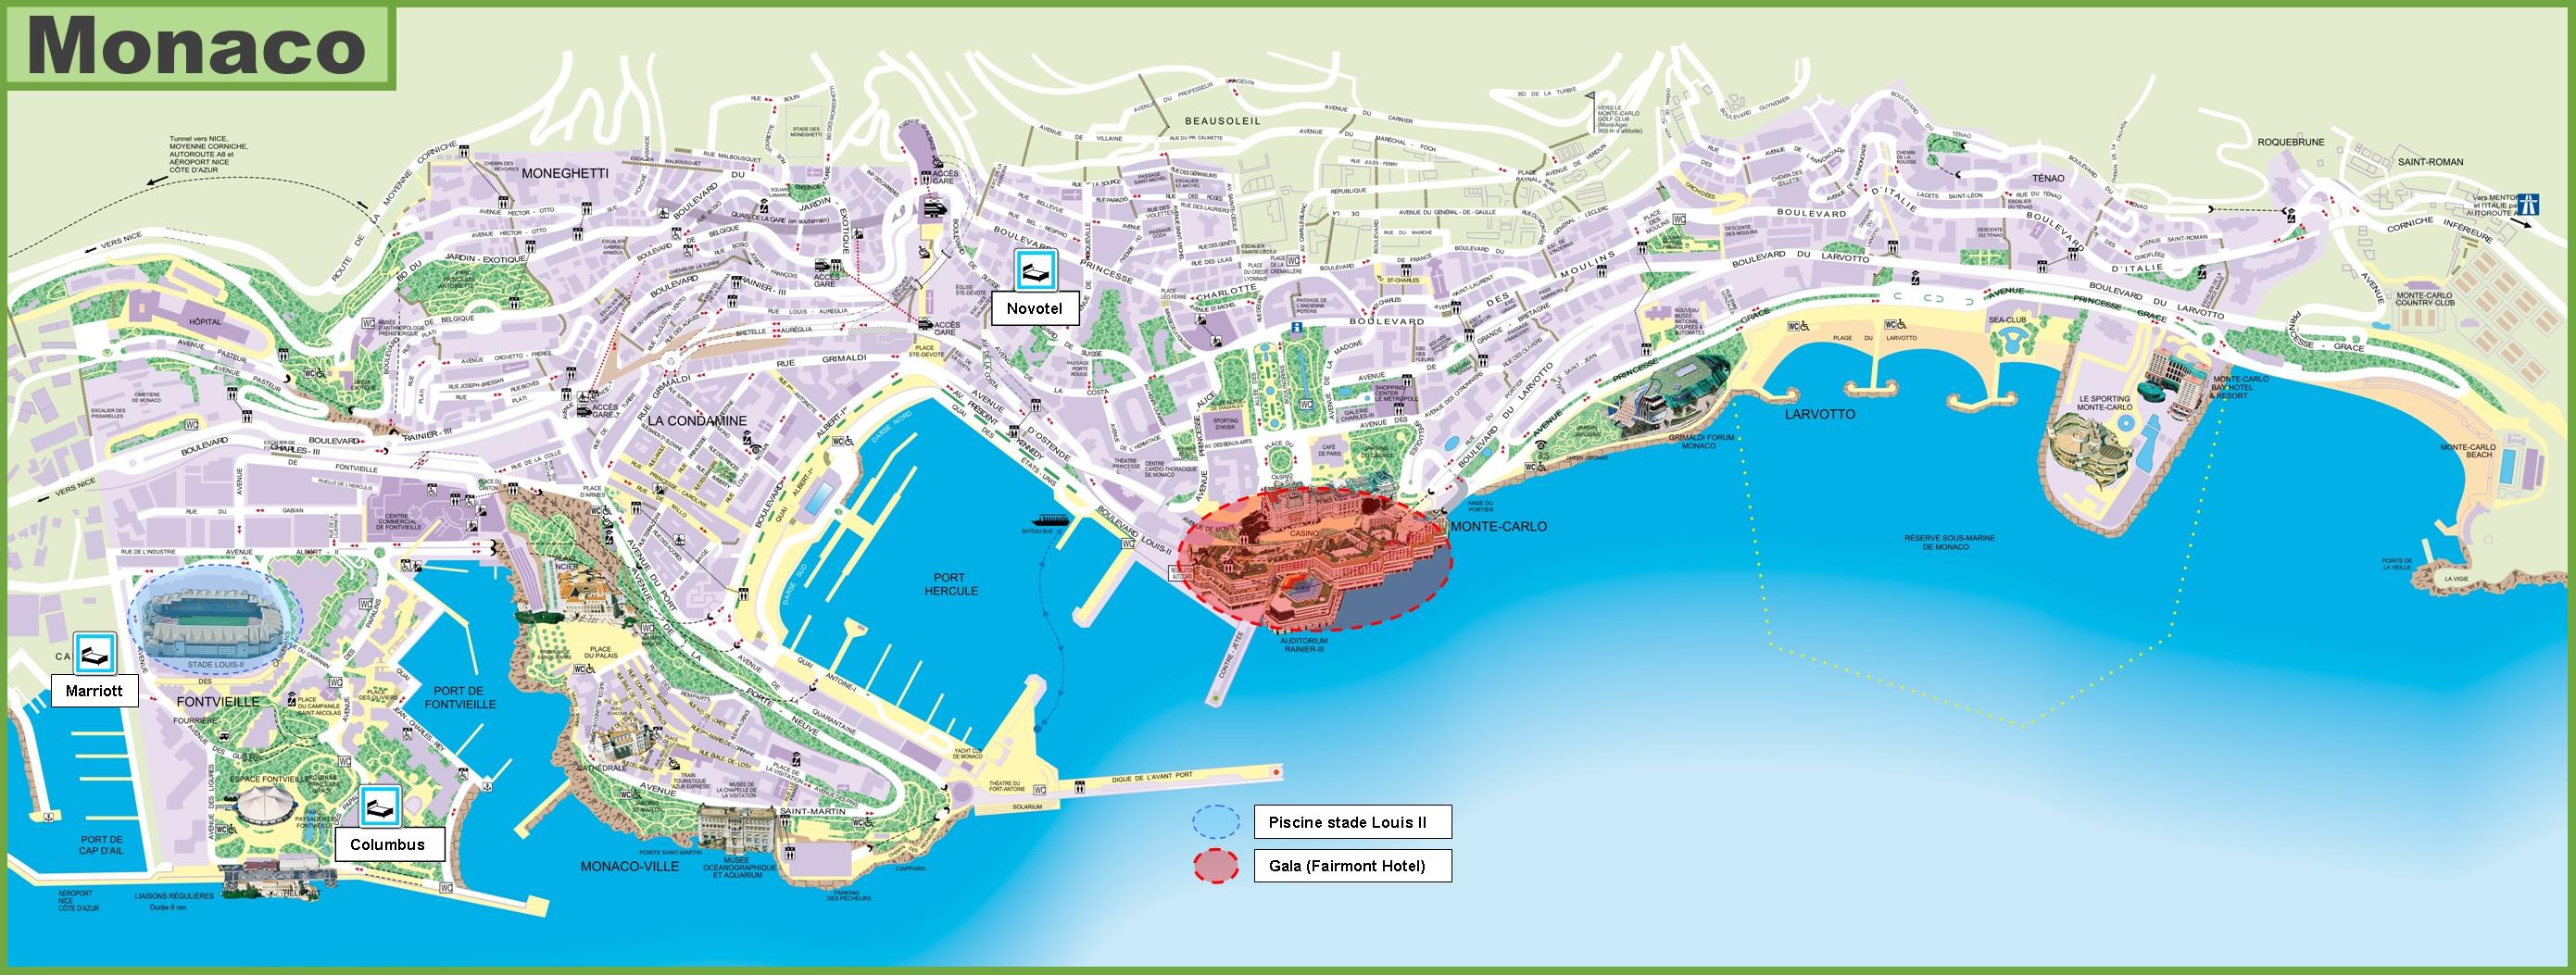 monaco travel map -